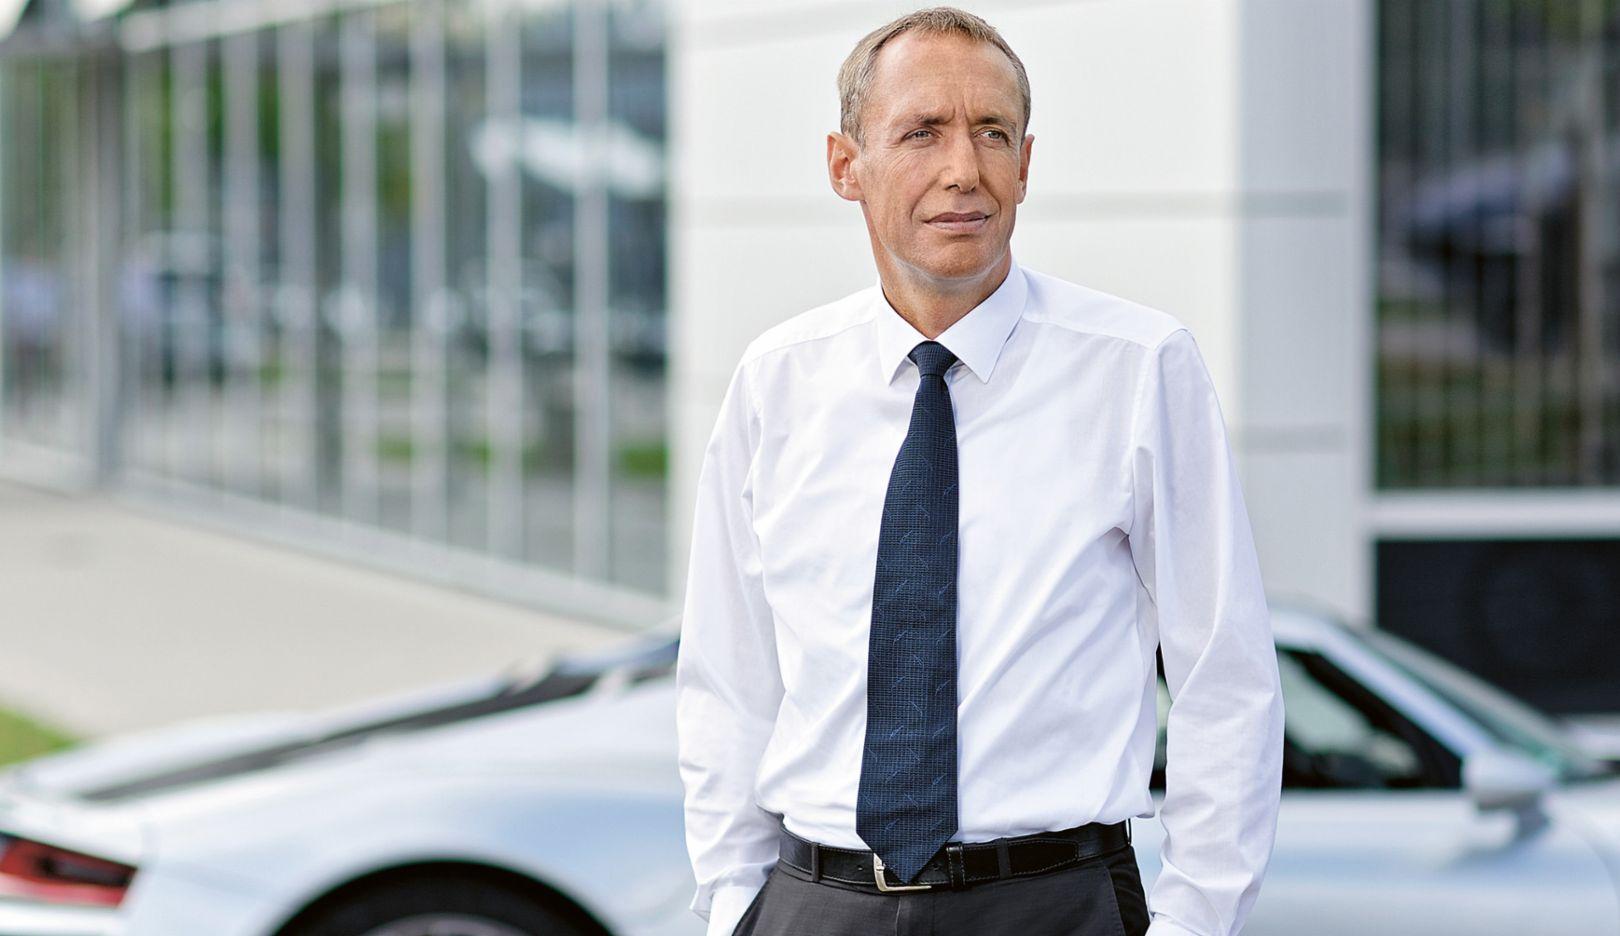 Dirk Lappe, Technischer Geschäftsführer von Porsche Engineering, 2015, Porsche AG